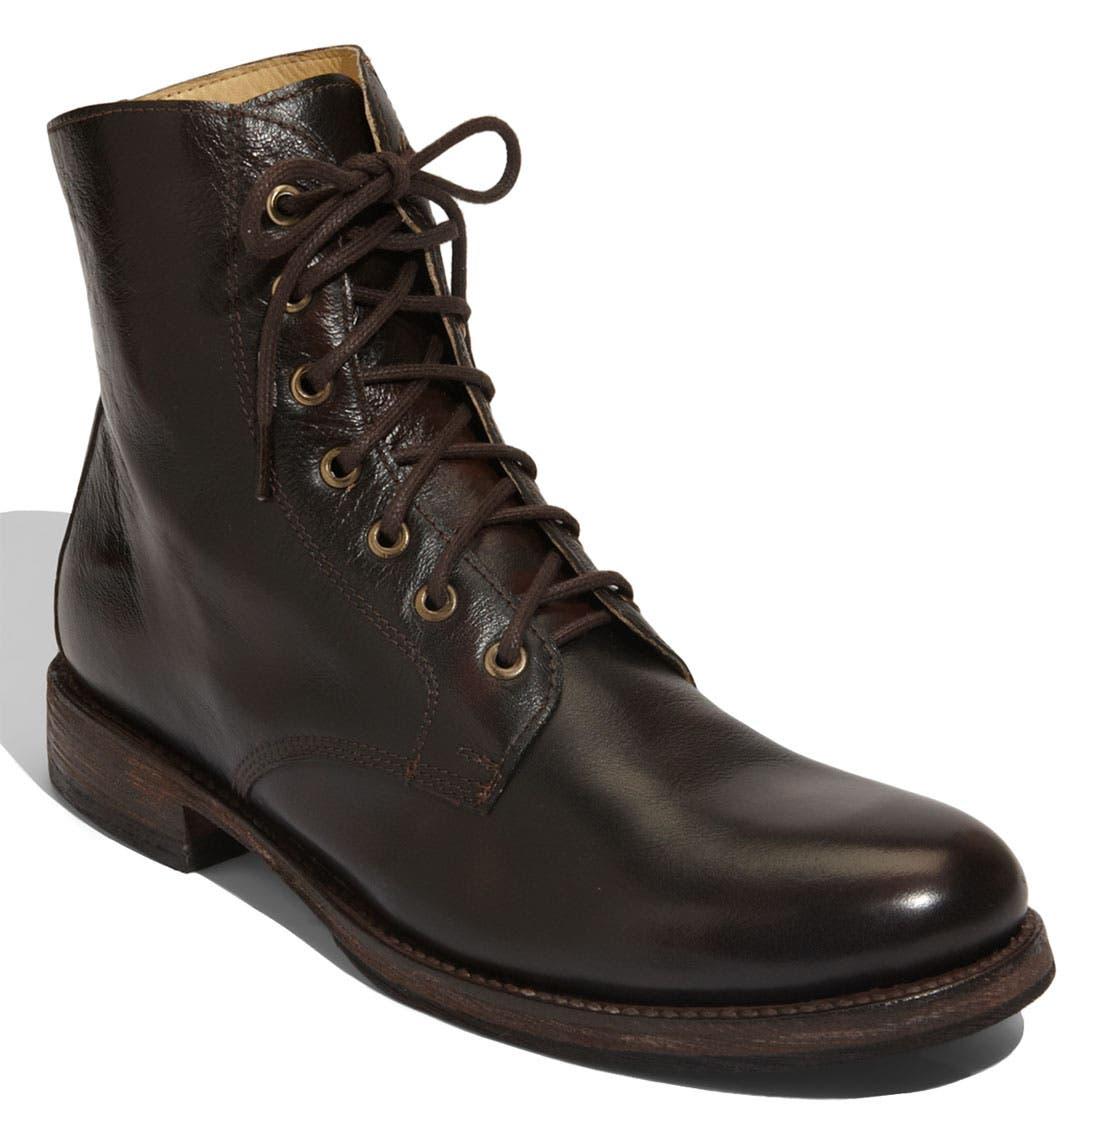 Main Image - Bed Stu Post Boot (Men)